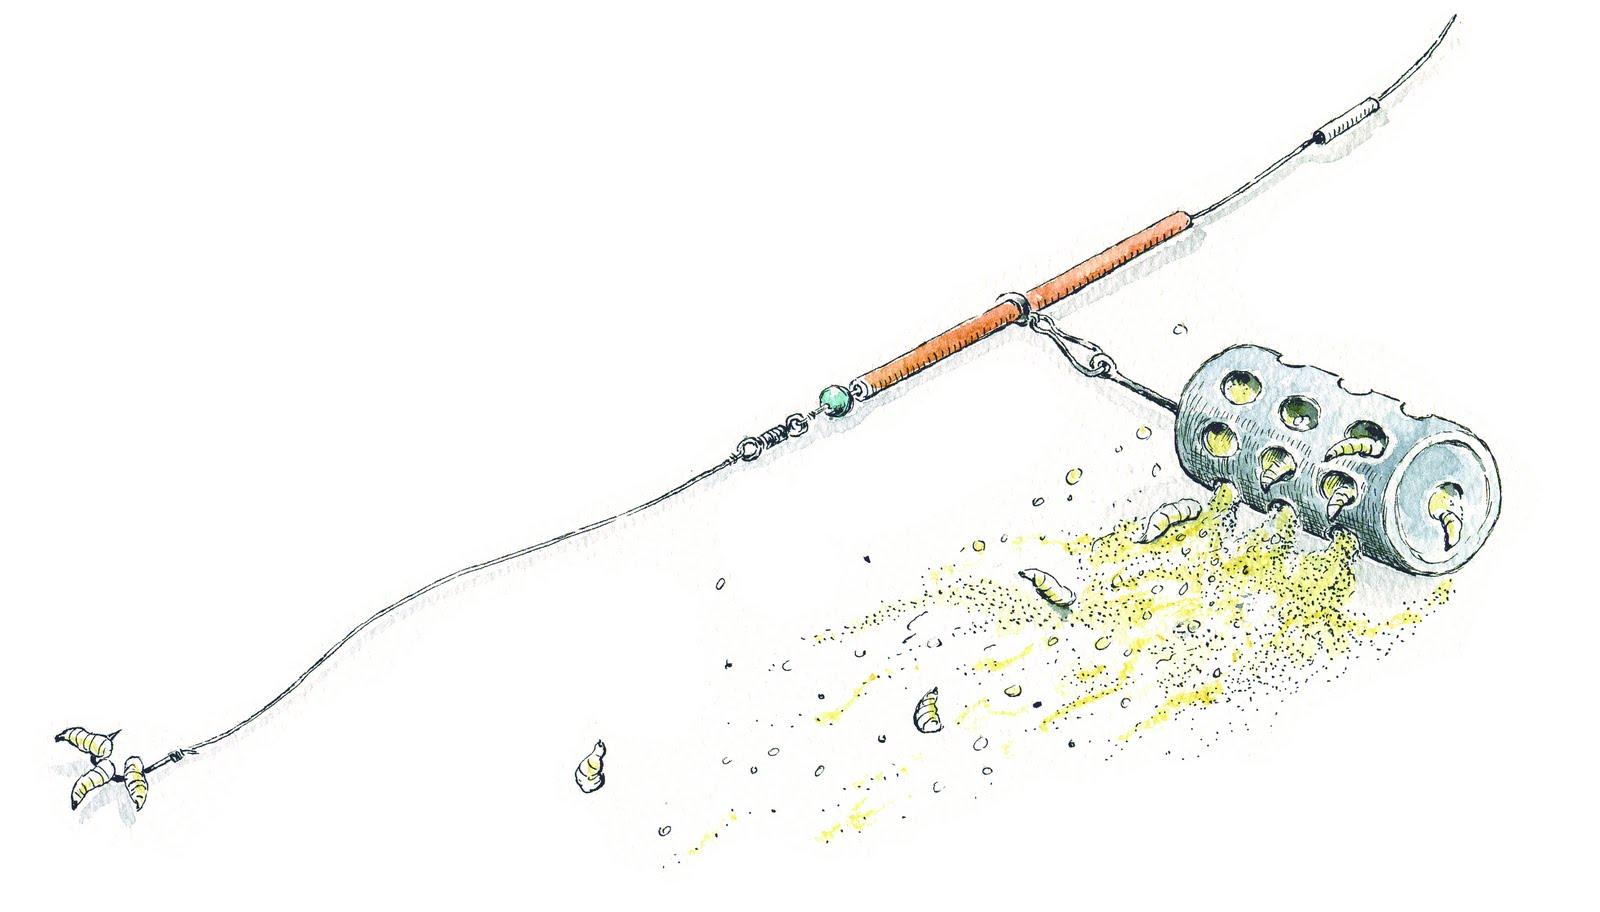 Télécharger les livres sabaneeva sur la pêche